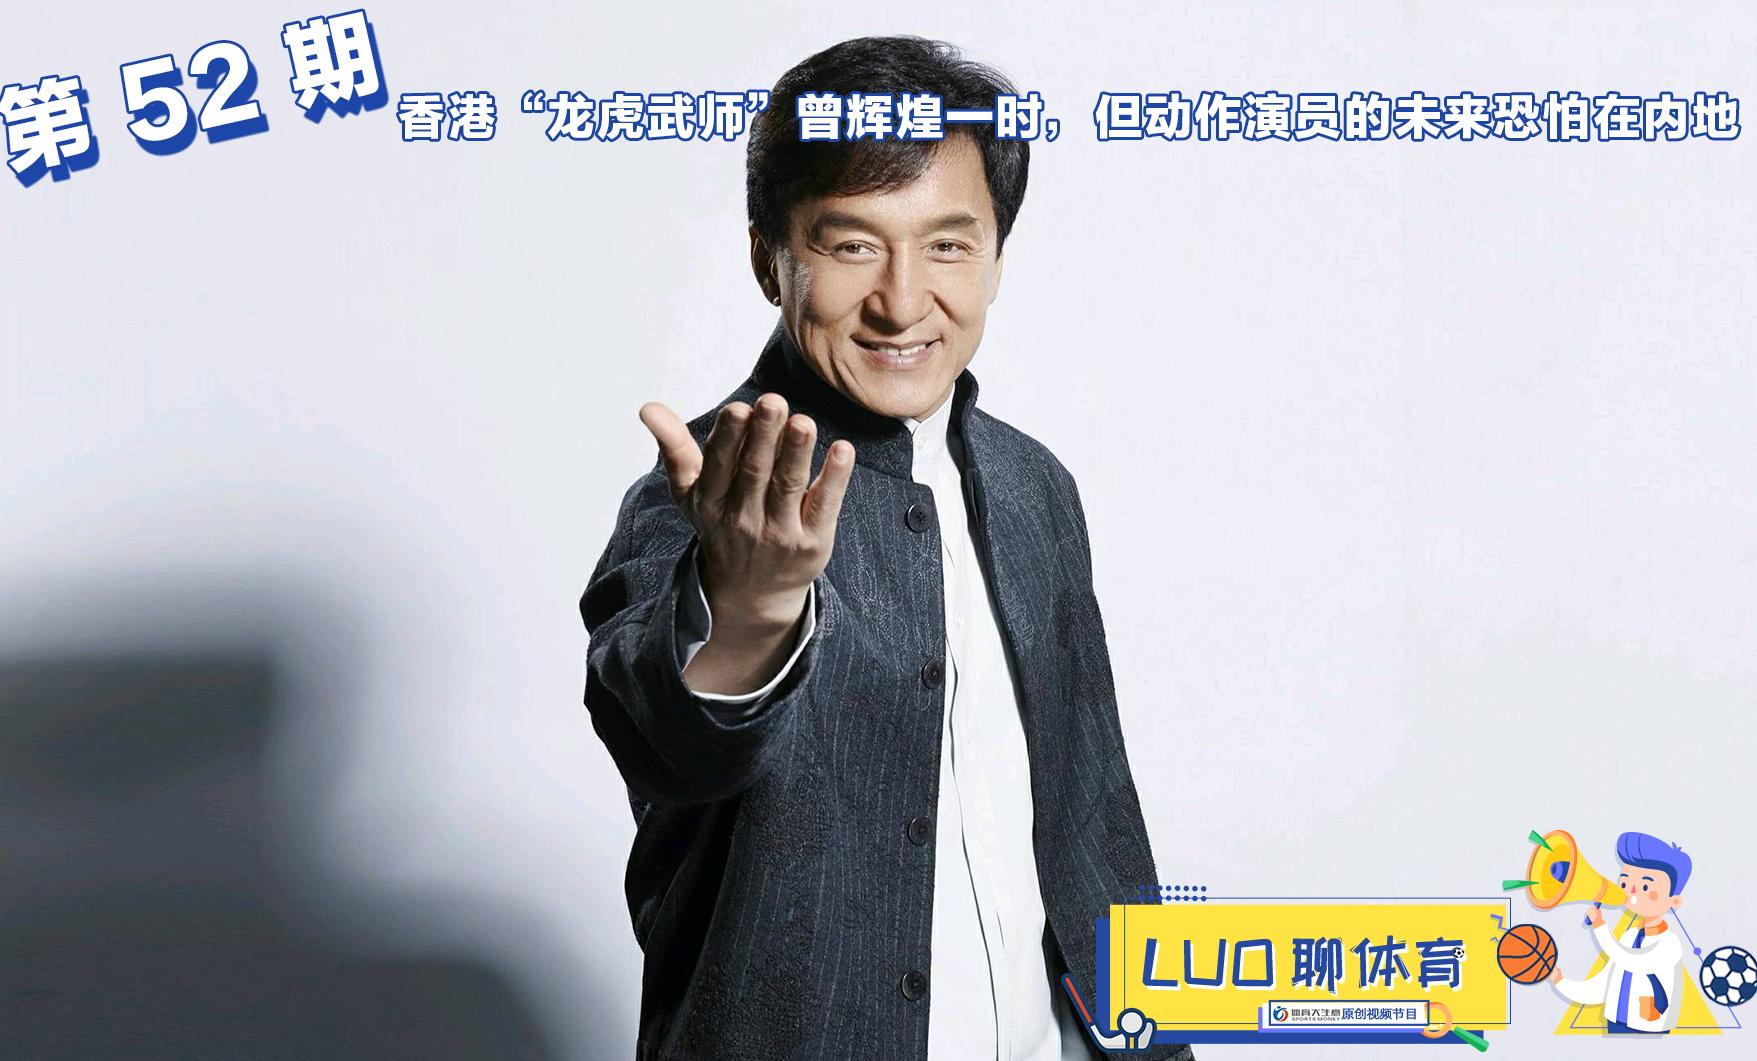 """罗聊体育第52期:香港""""龙虎武师""""曾辉煌一时,但动作演员的未来恐怕在内地"""